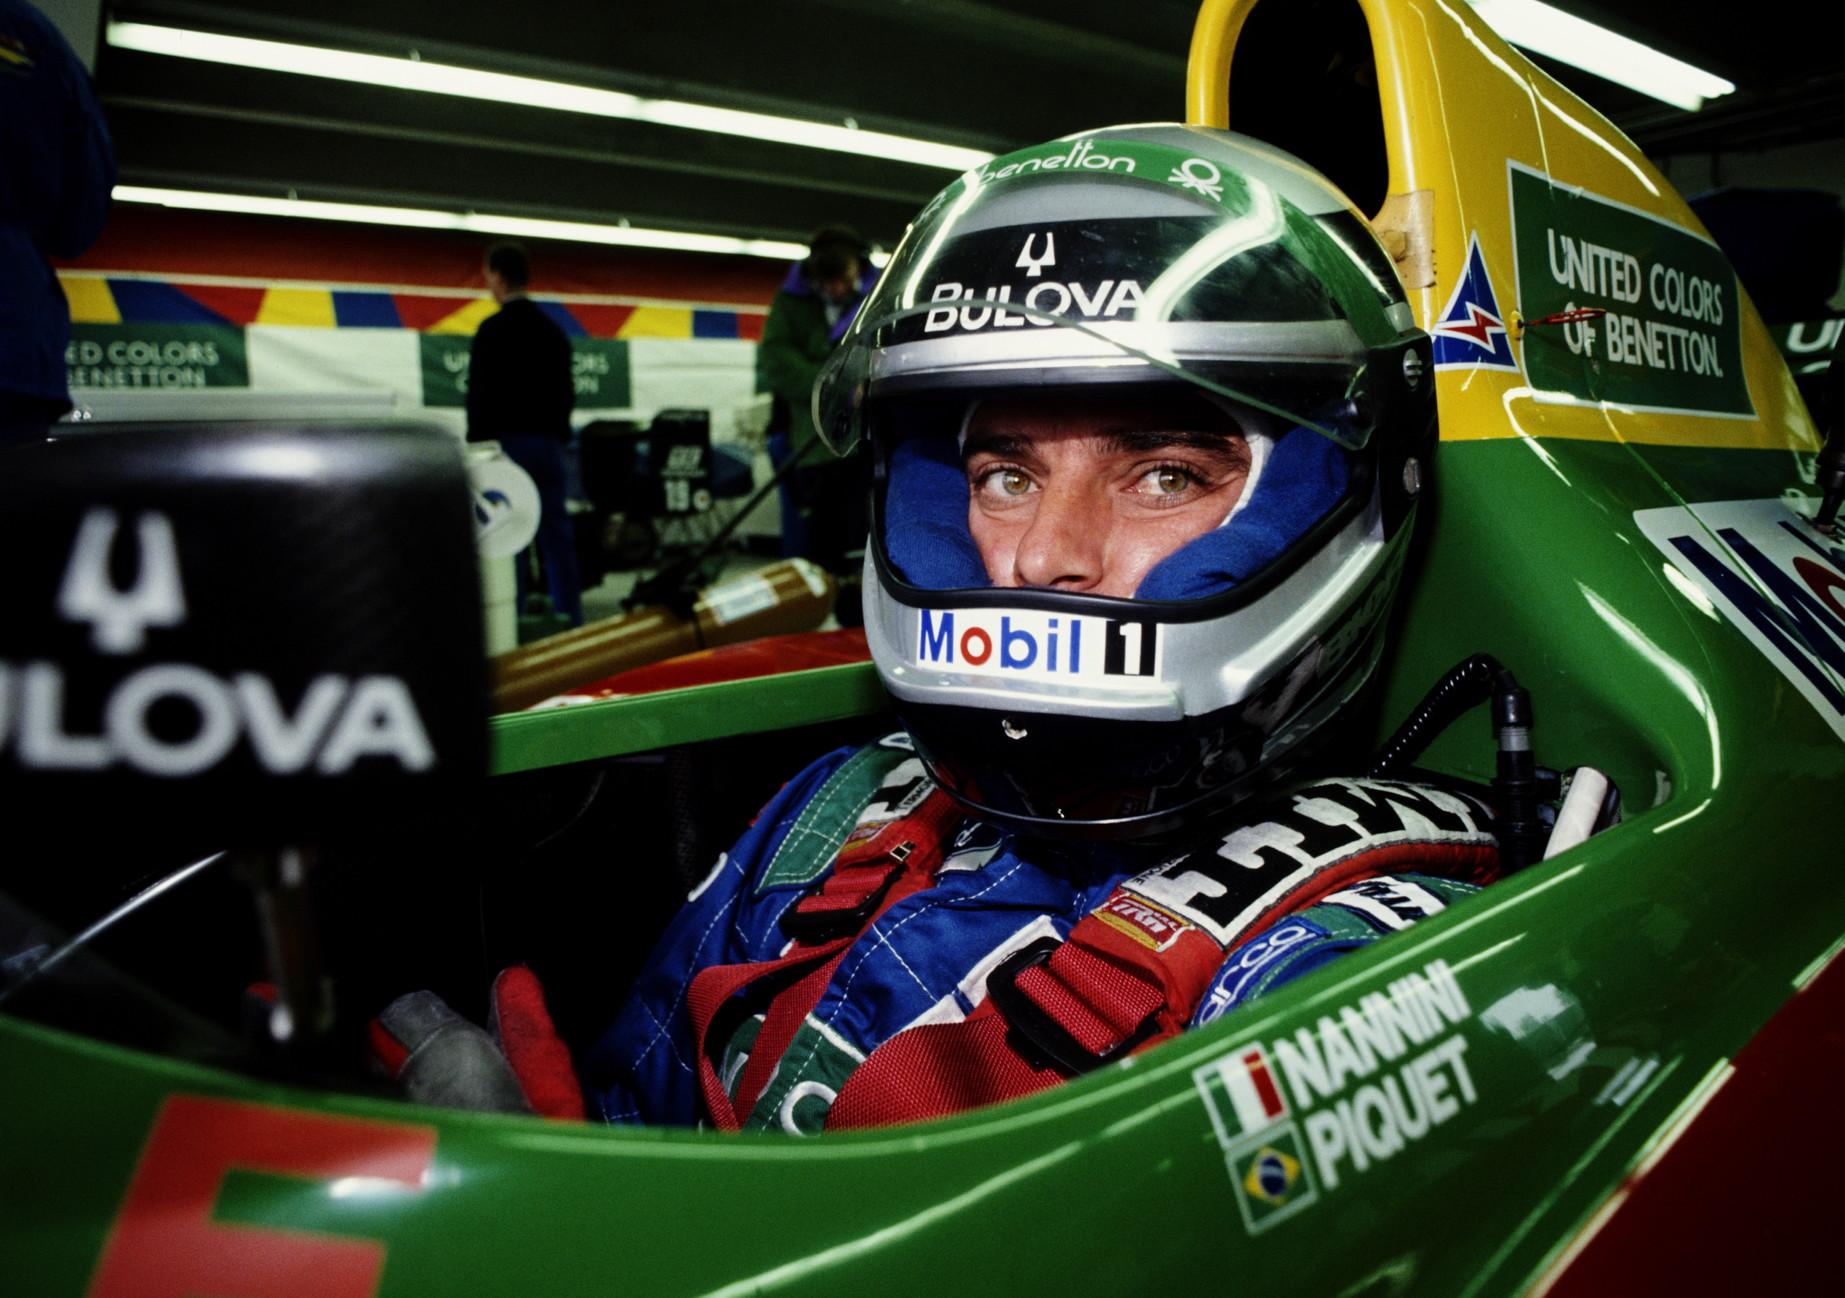 12 ottobre 1990: il pilota Alessandro Nannini perde l'avambraccio destro (che poi gli fu reimpiantato) in un incidente in elicottero